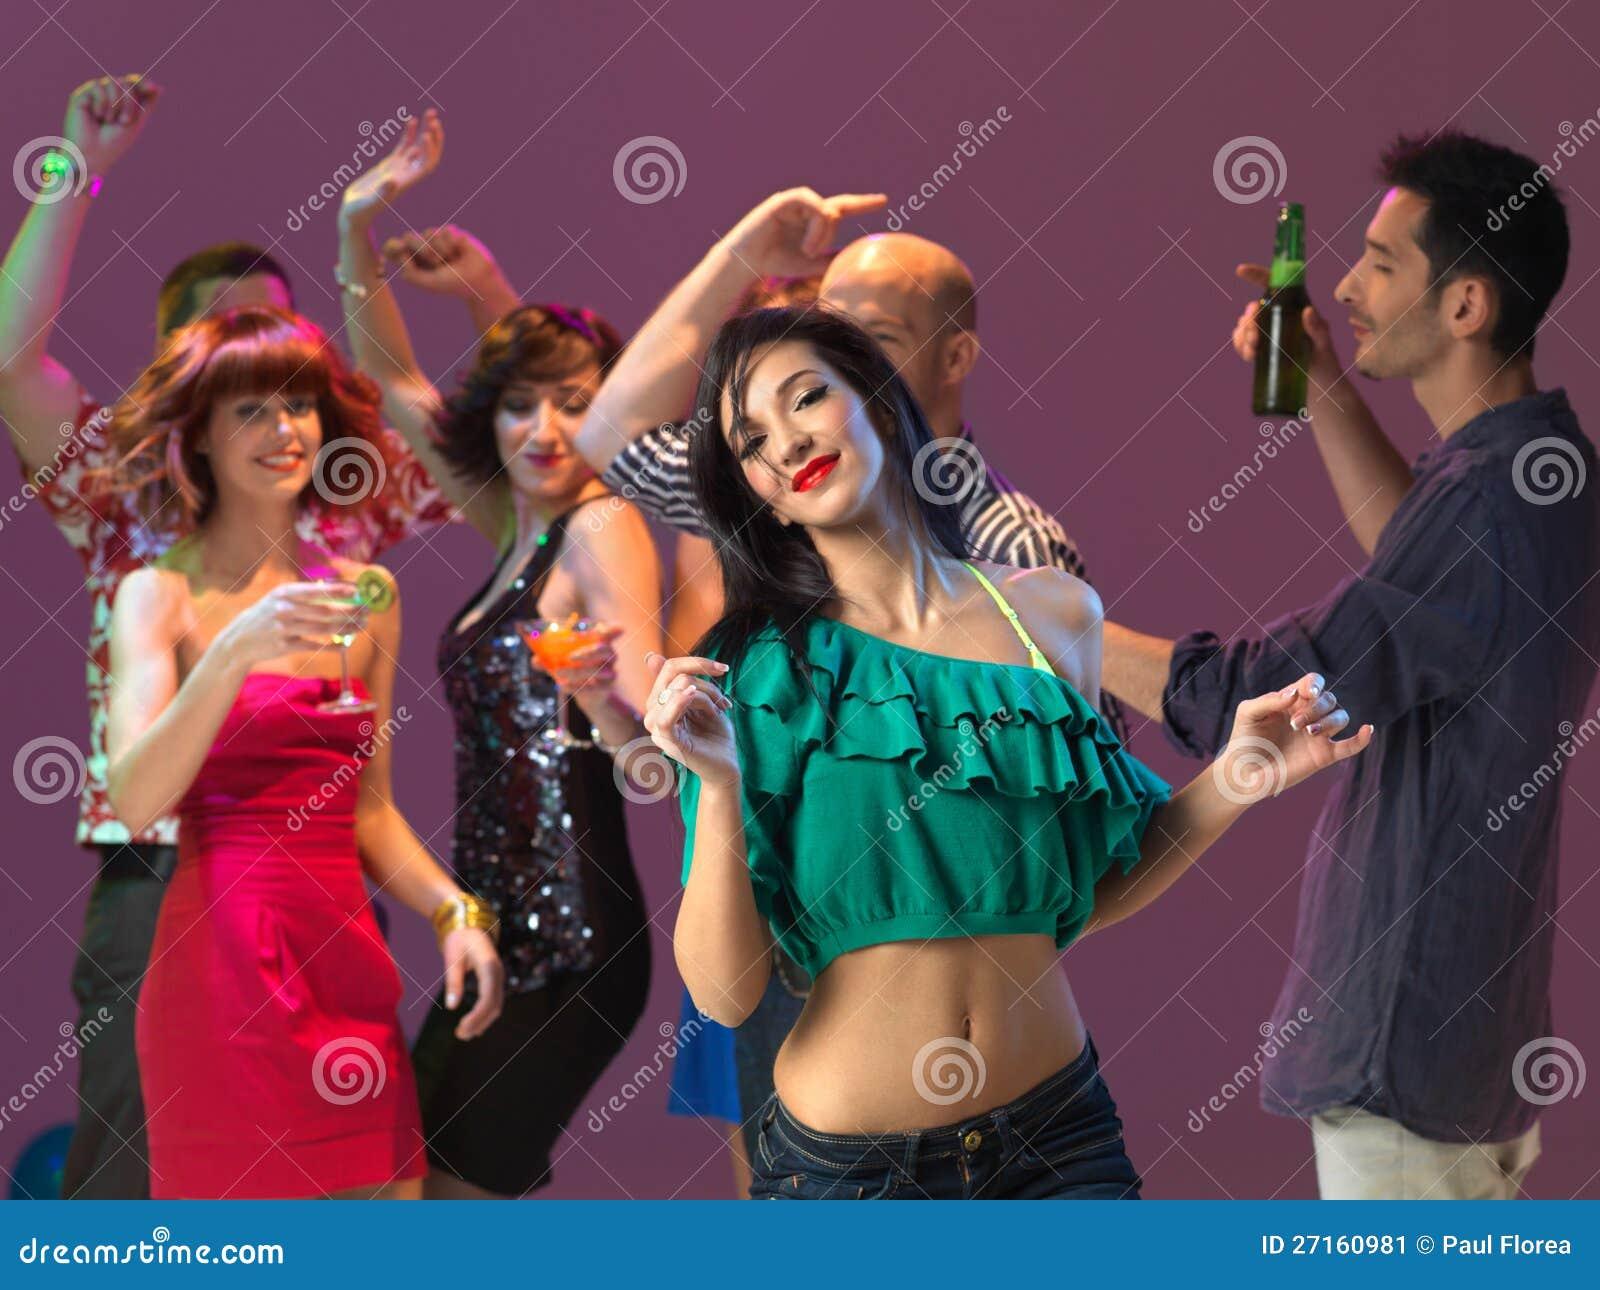 Женщин в ночных клубах нирвана витебск клуб ночной